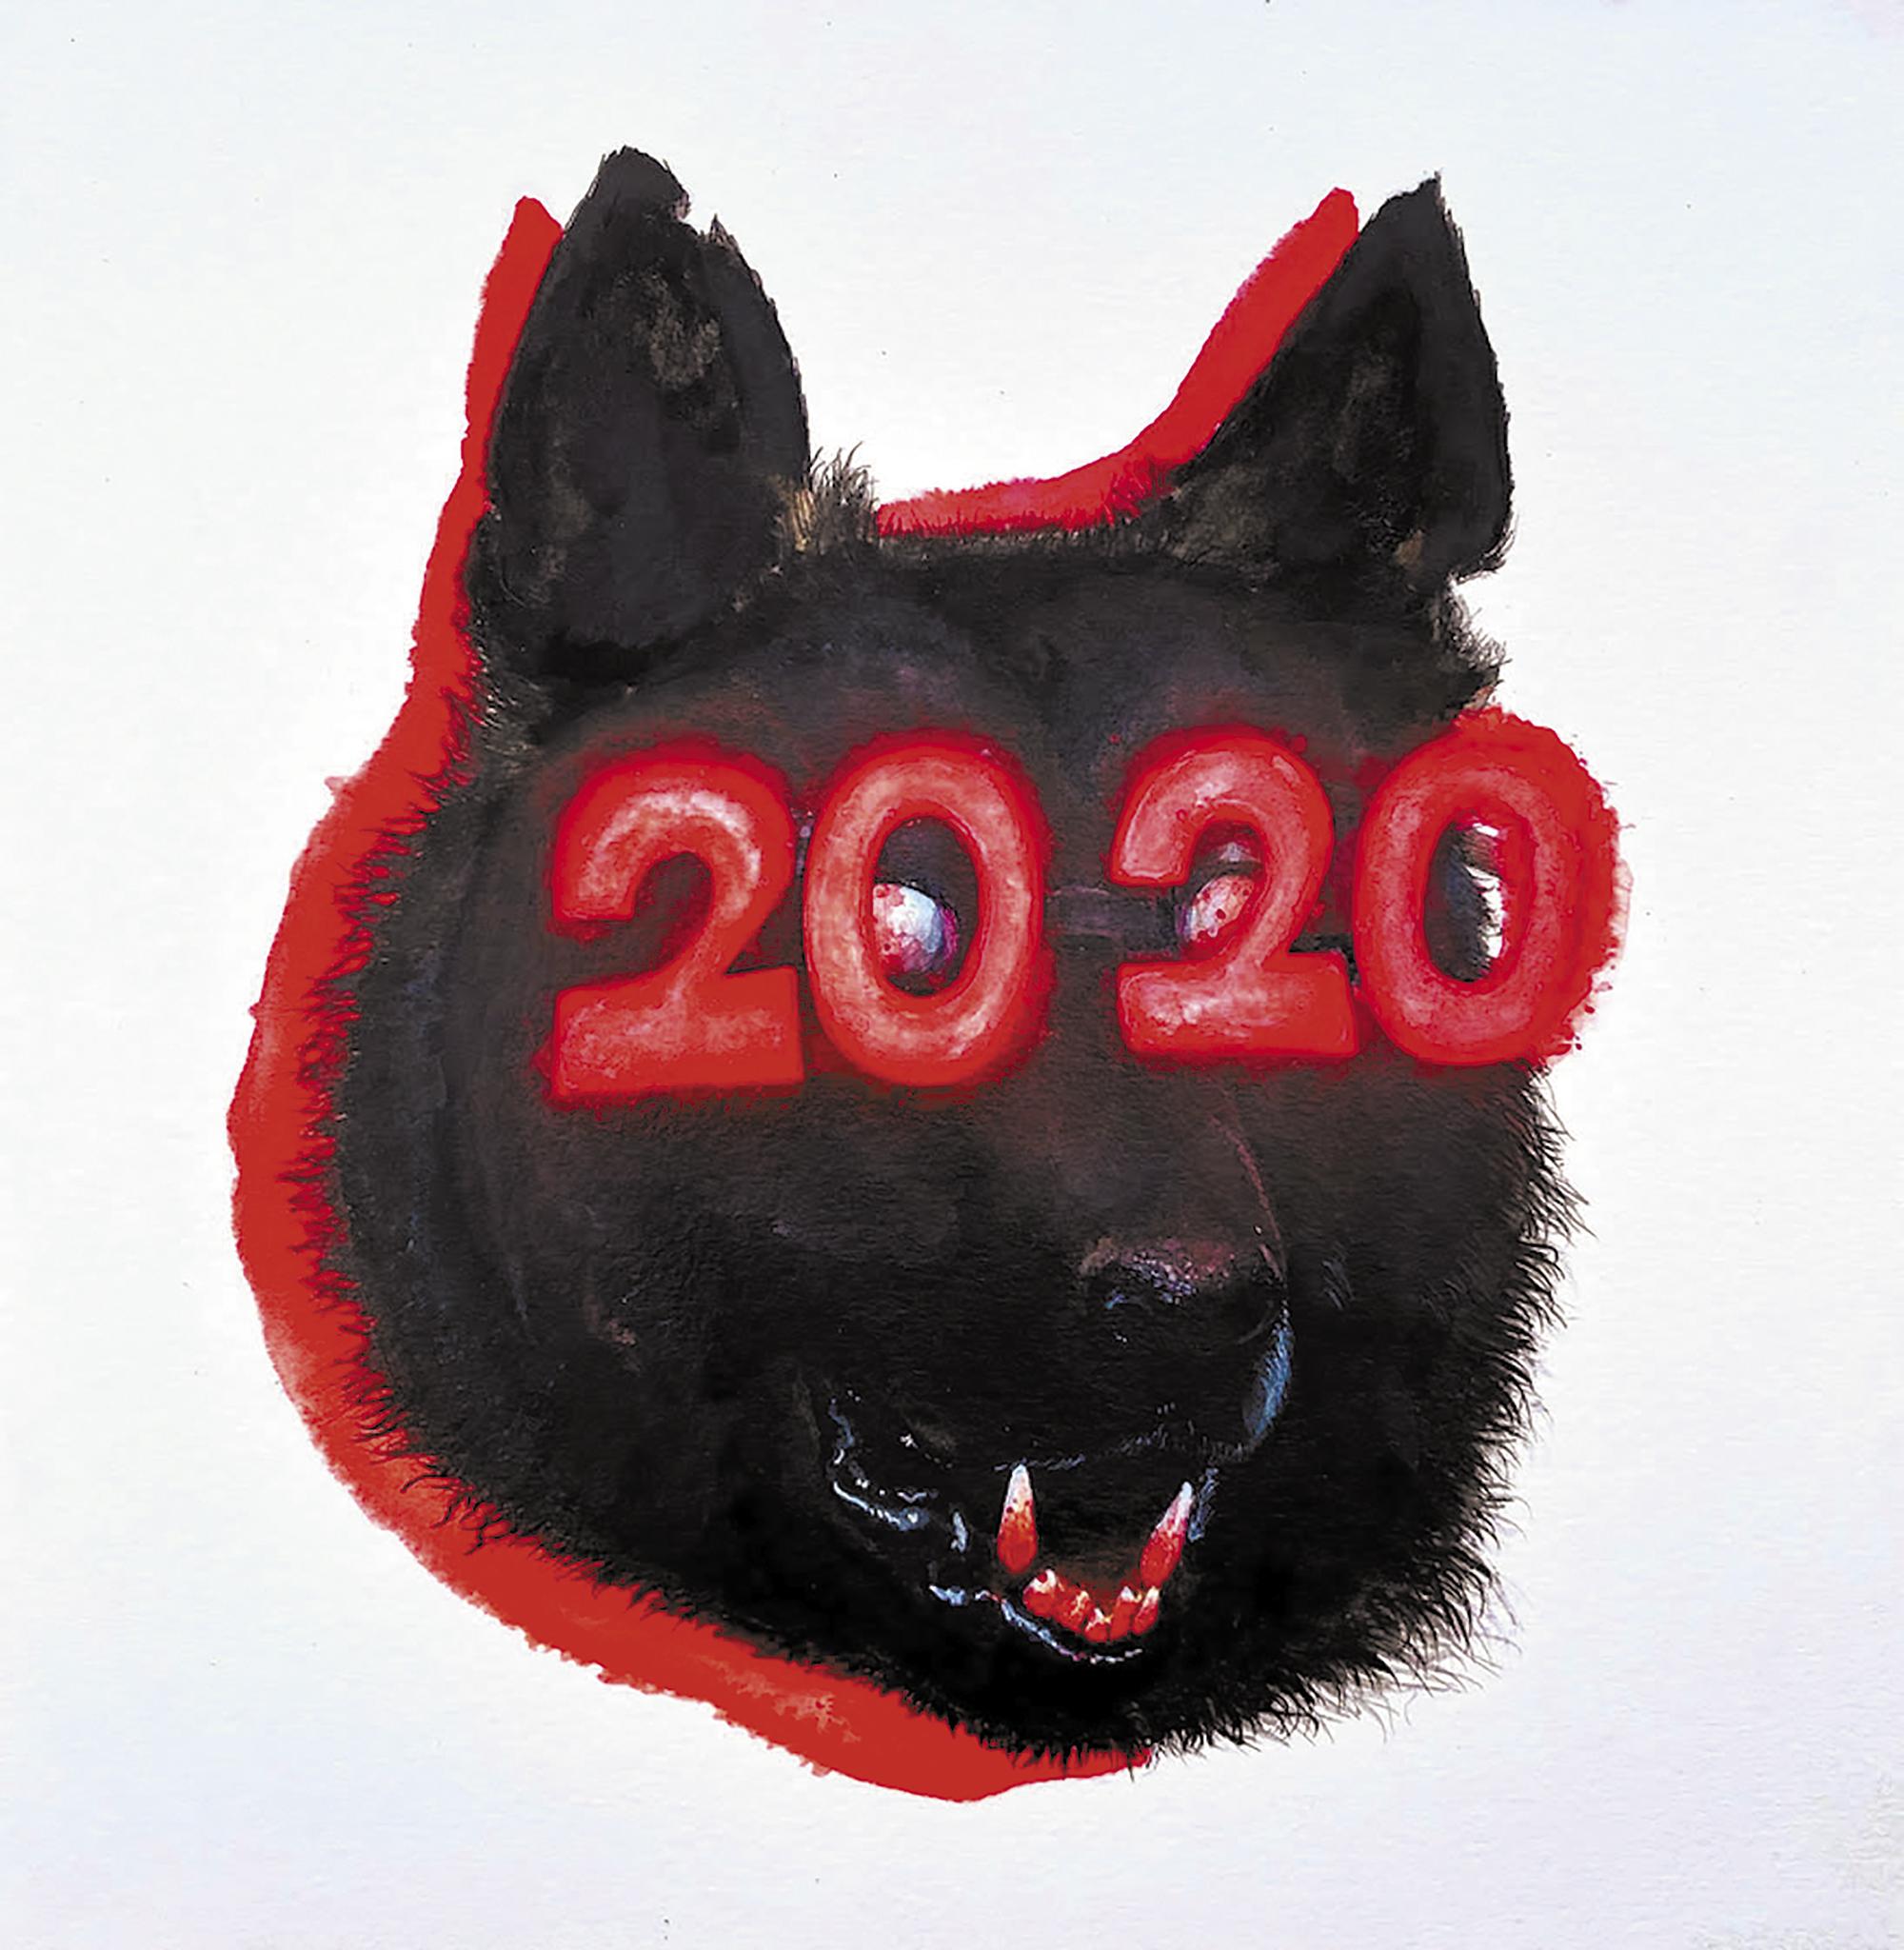 Hellhound 2020 by Kristen Michael